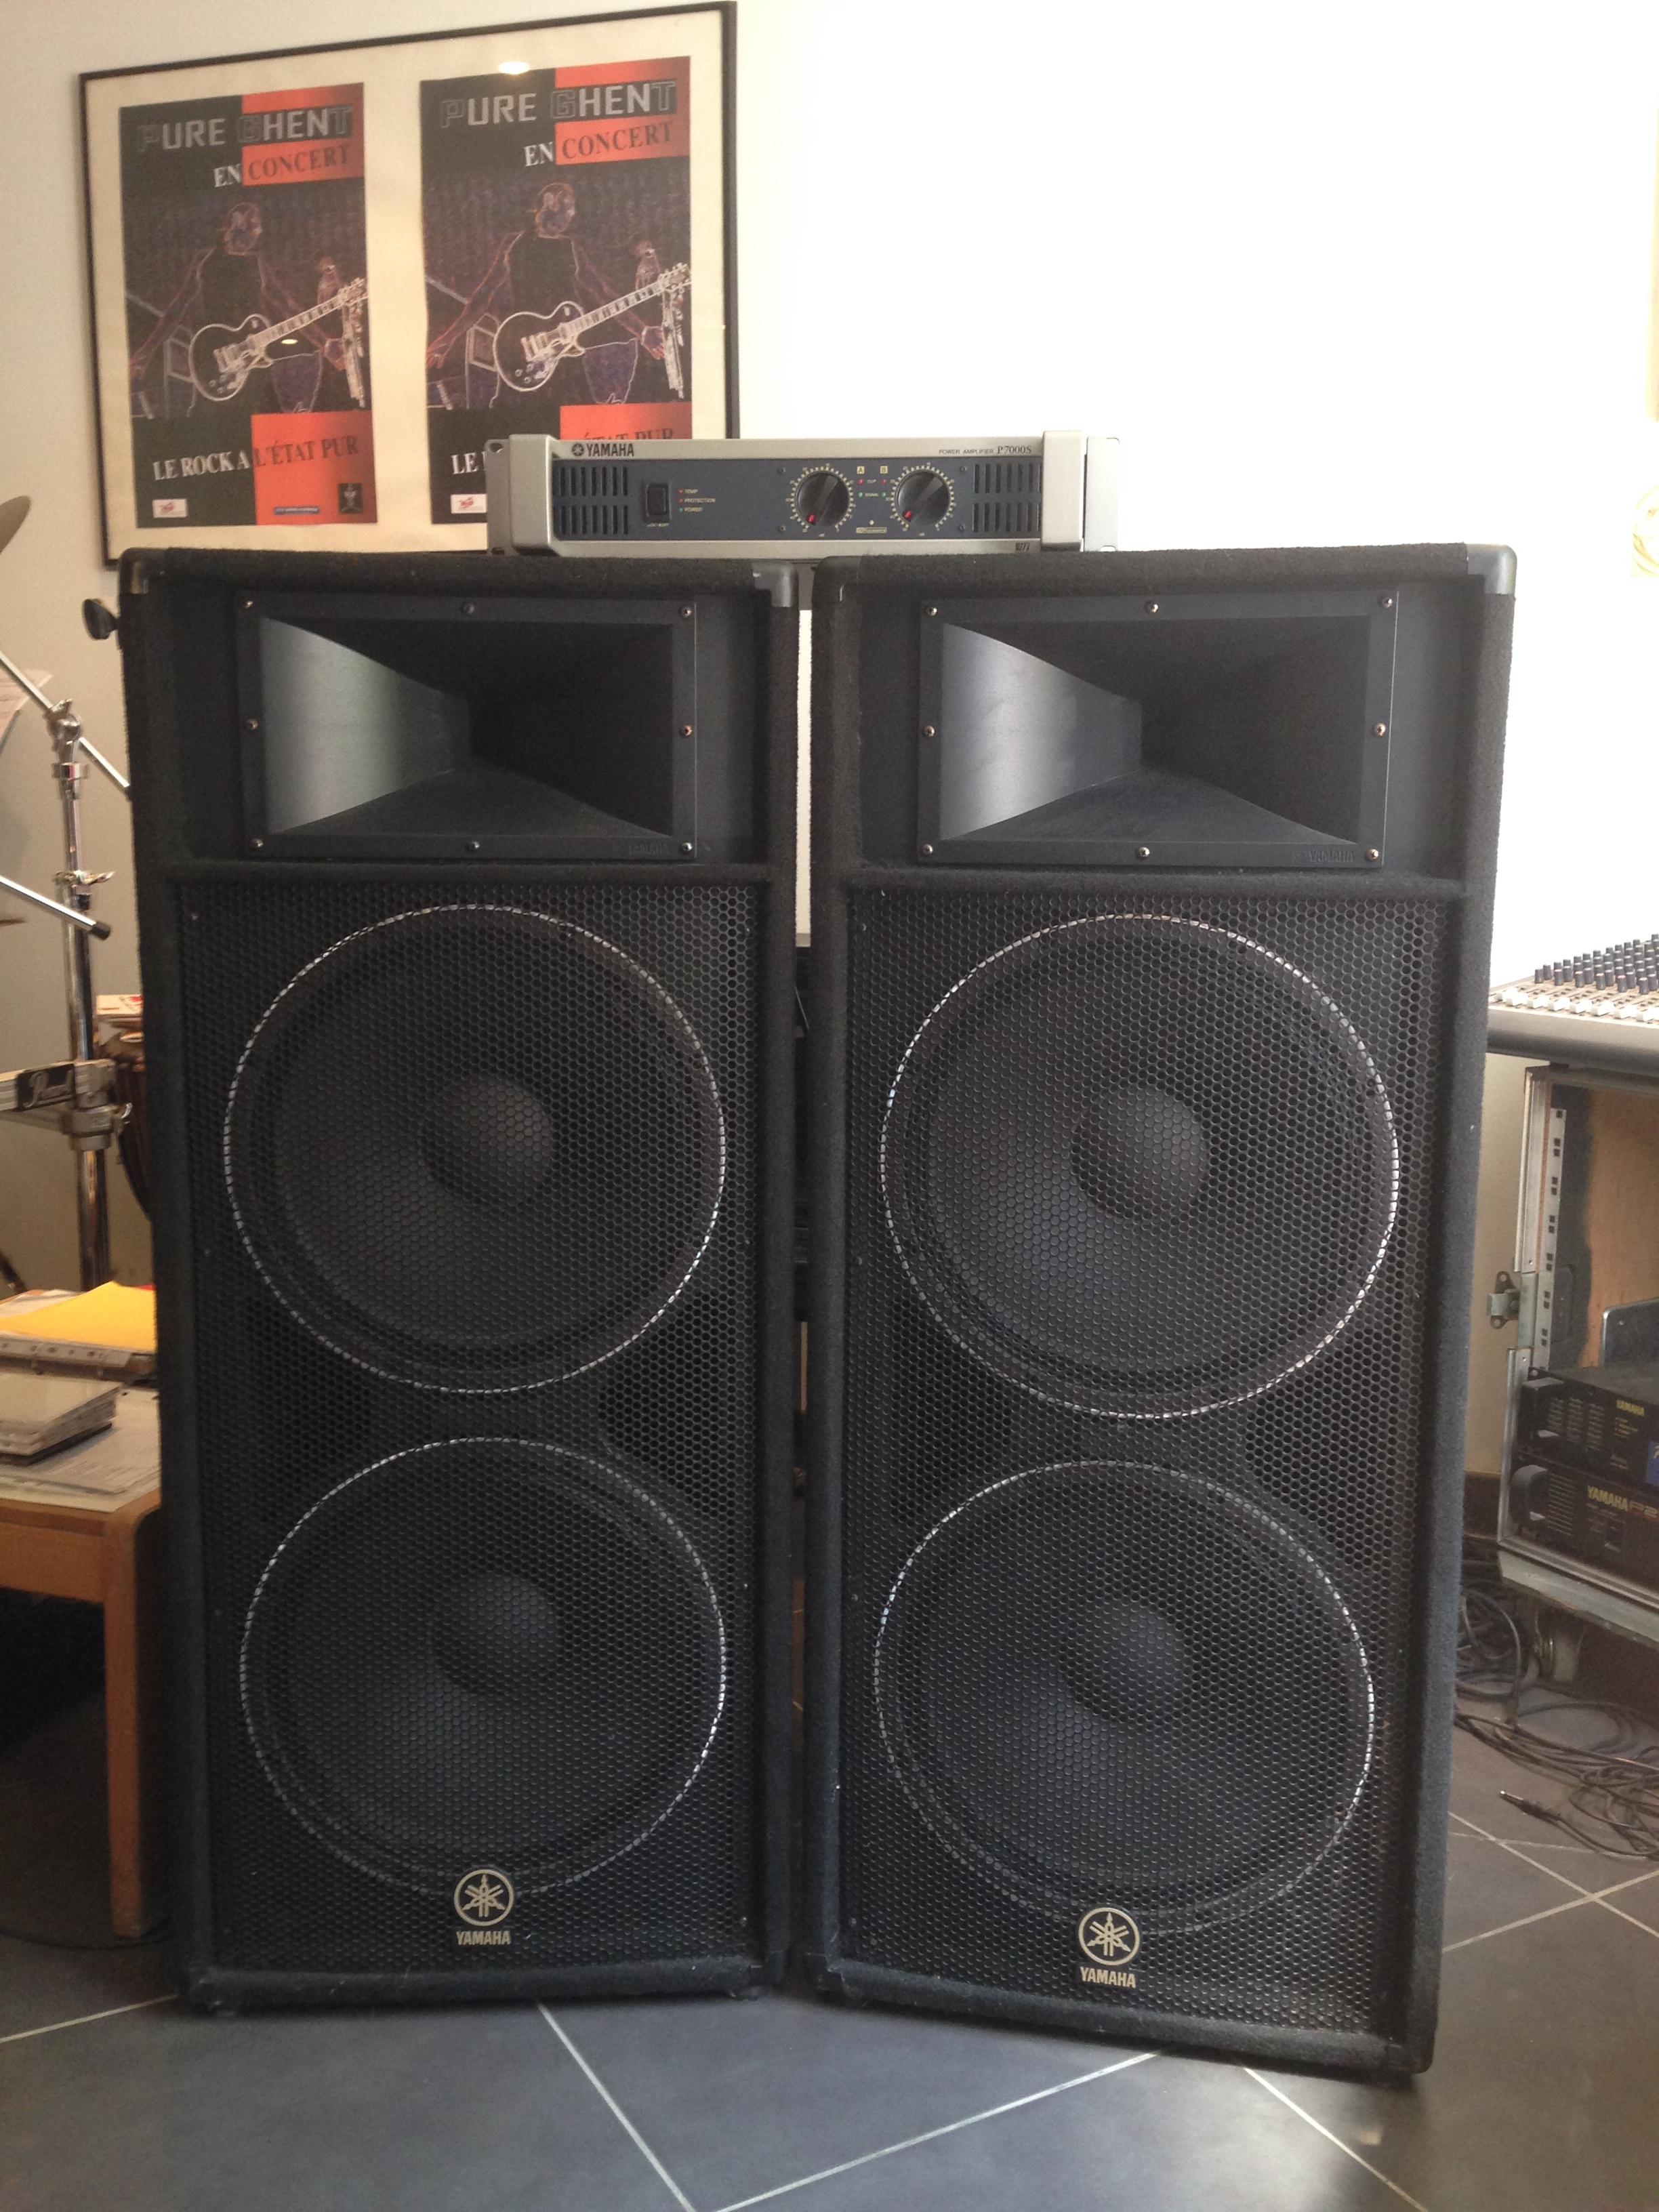 Yamaha S215v Image 872540 Audiofanzine